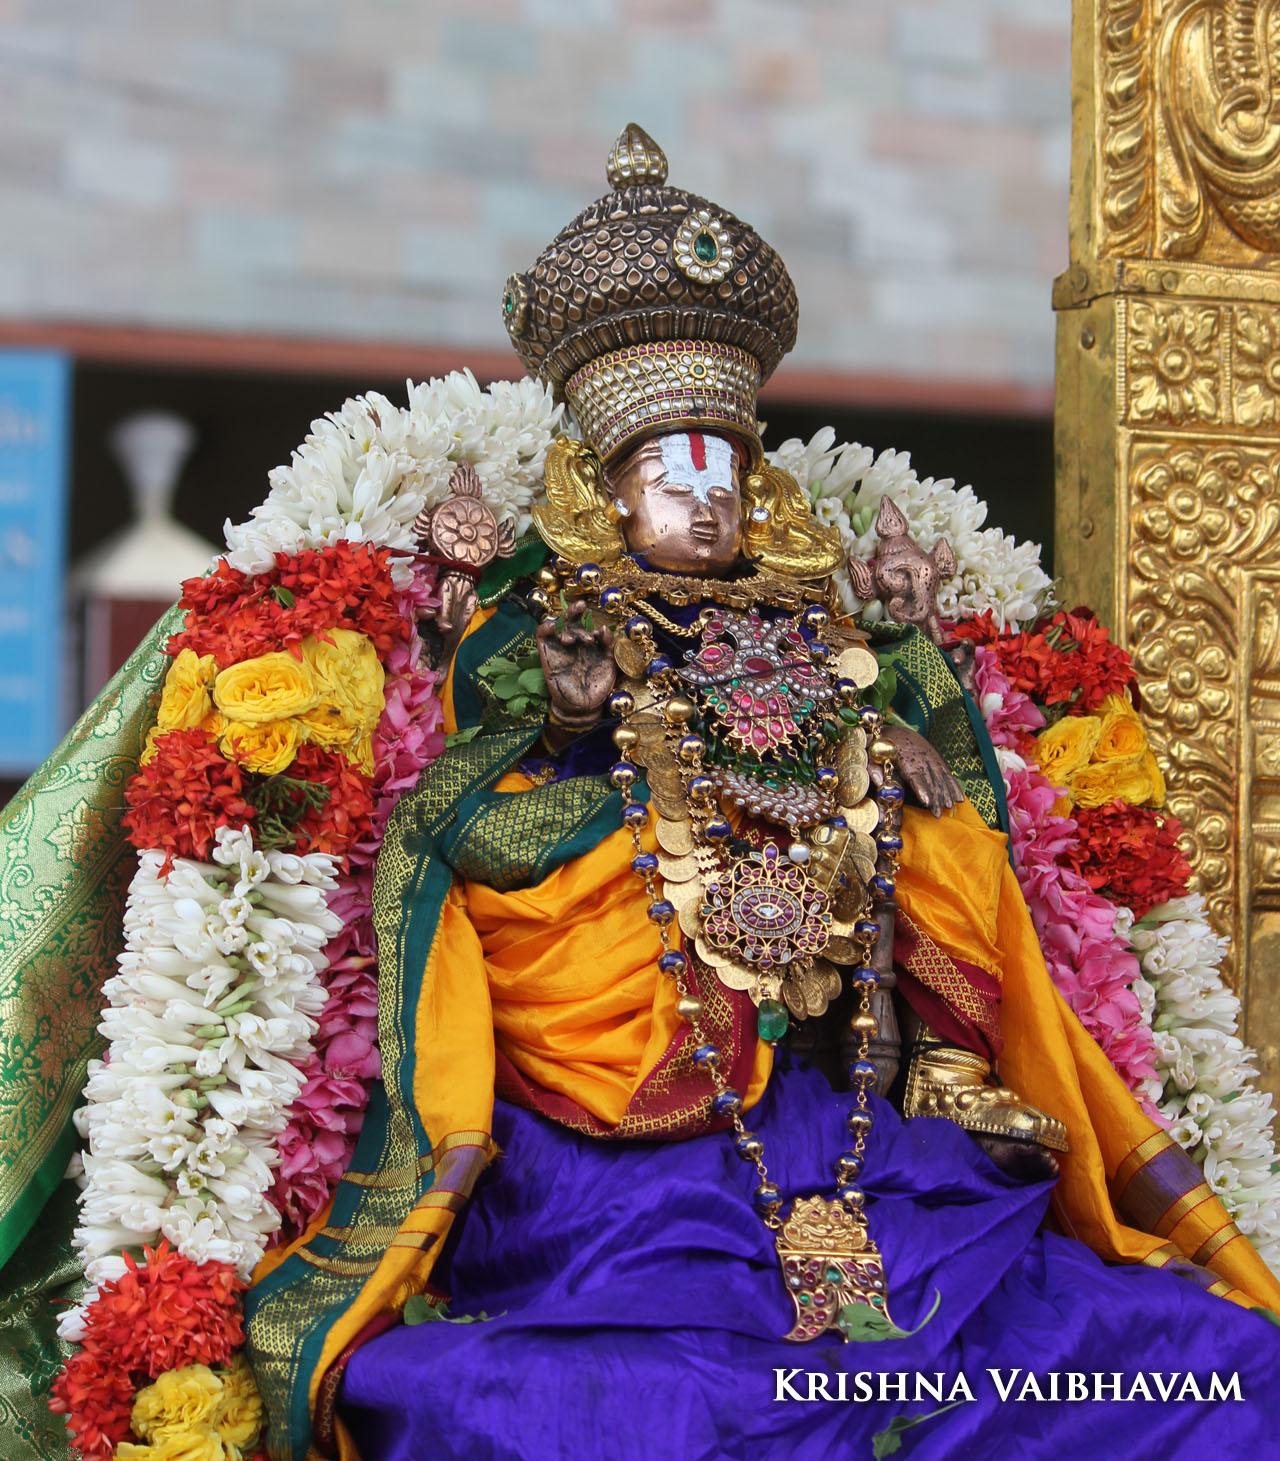 Krishna Vaibhavam Sri Theliya Singar Narasimha Swamy Aani